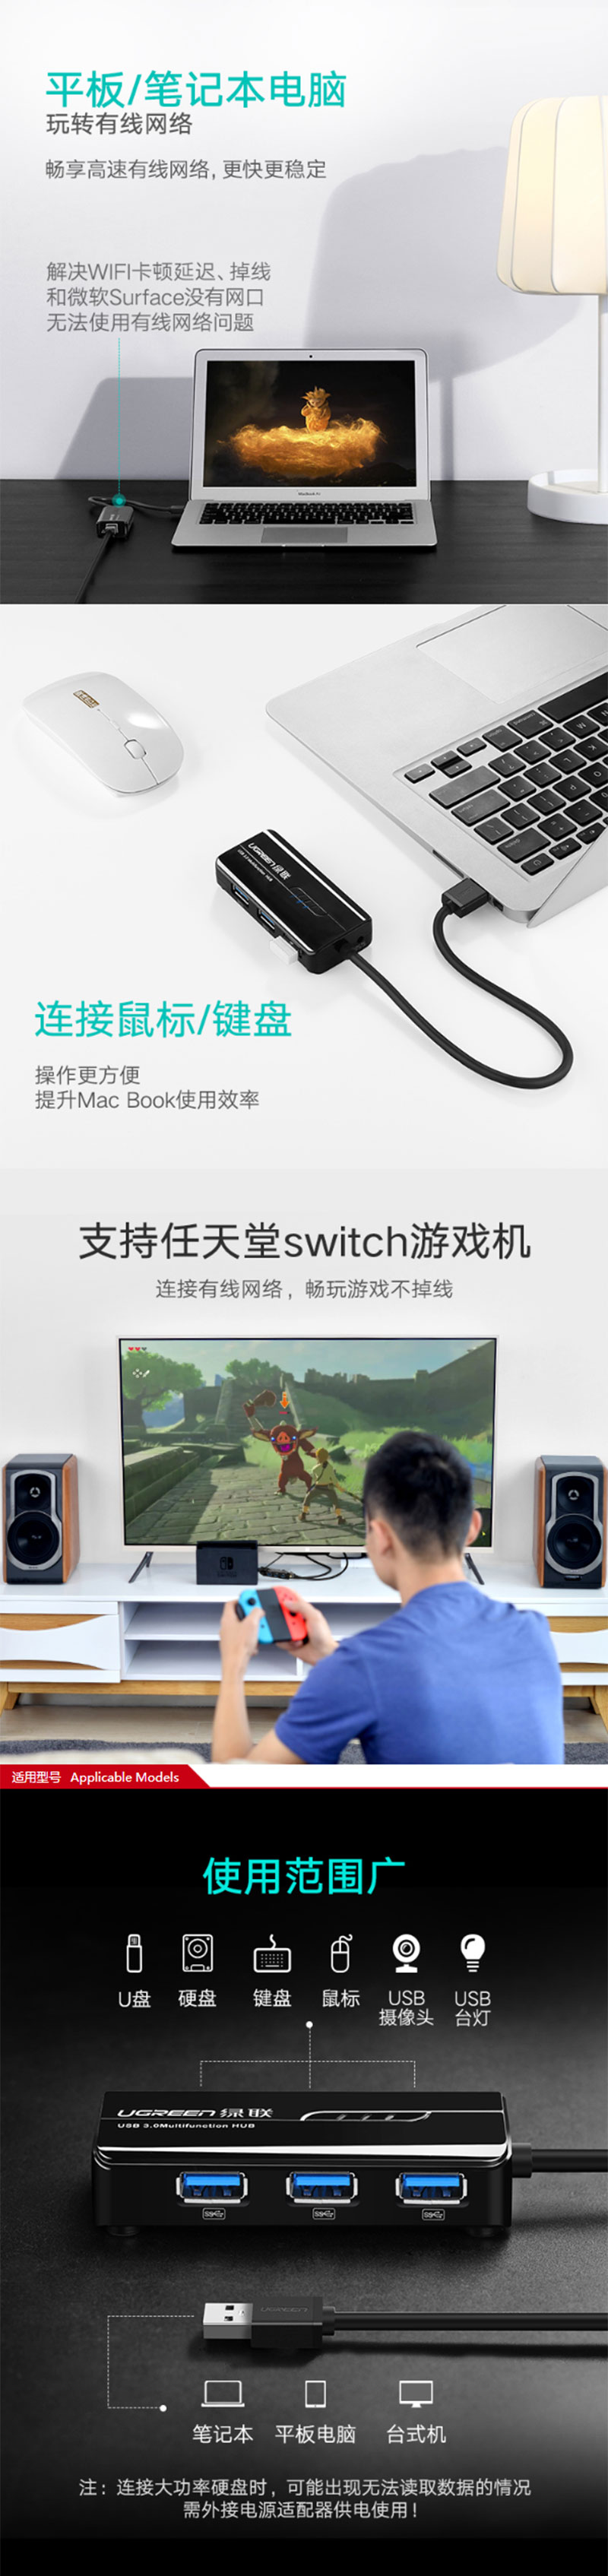 绿联20265 USB3.0 HUB+千兆网口